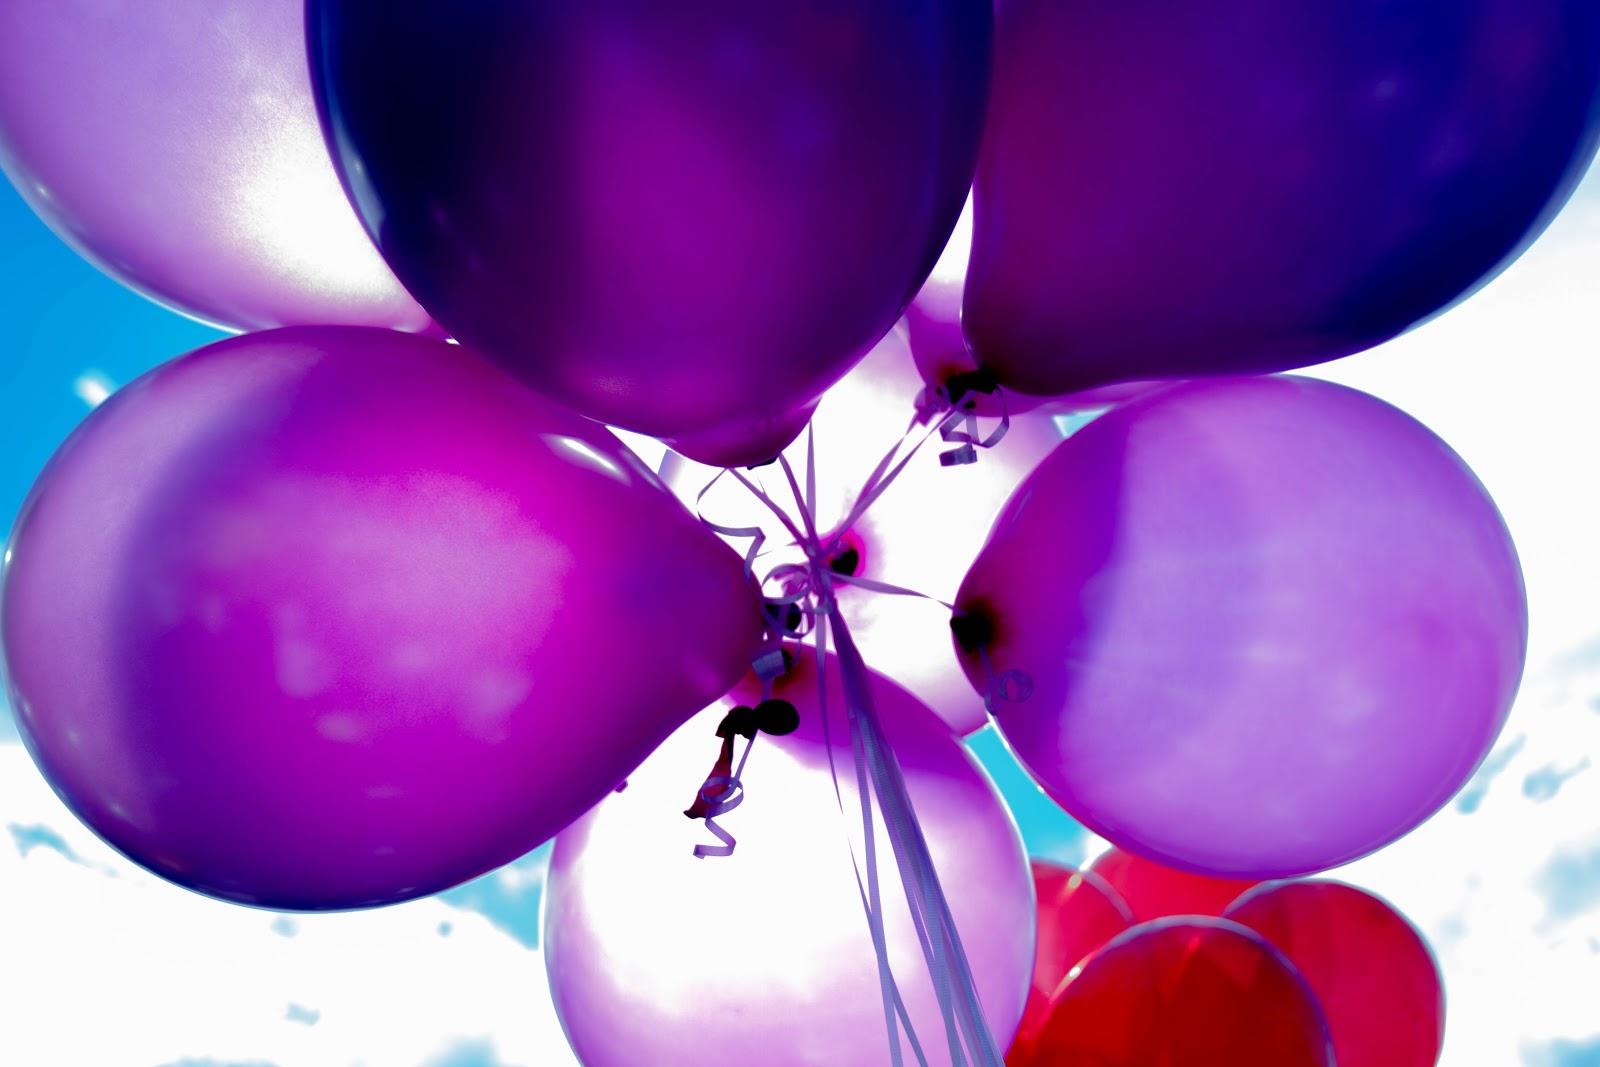 Balloons Pexels